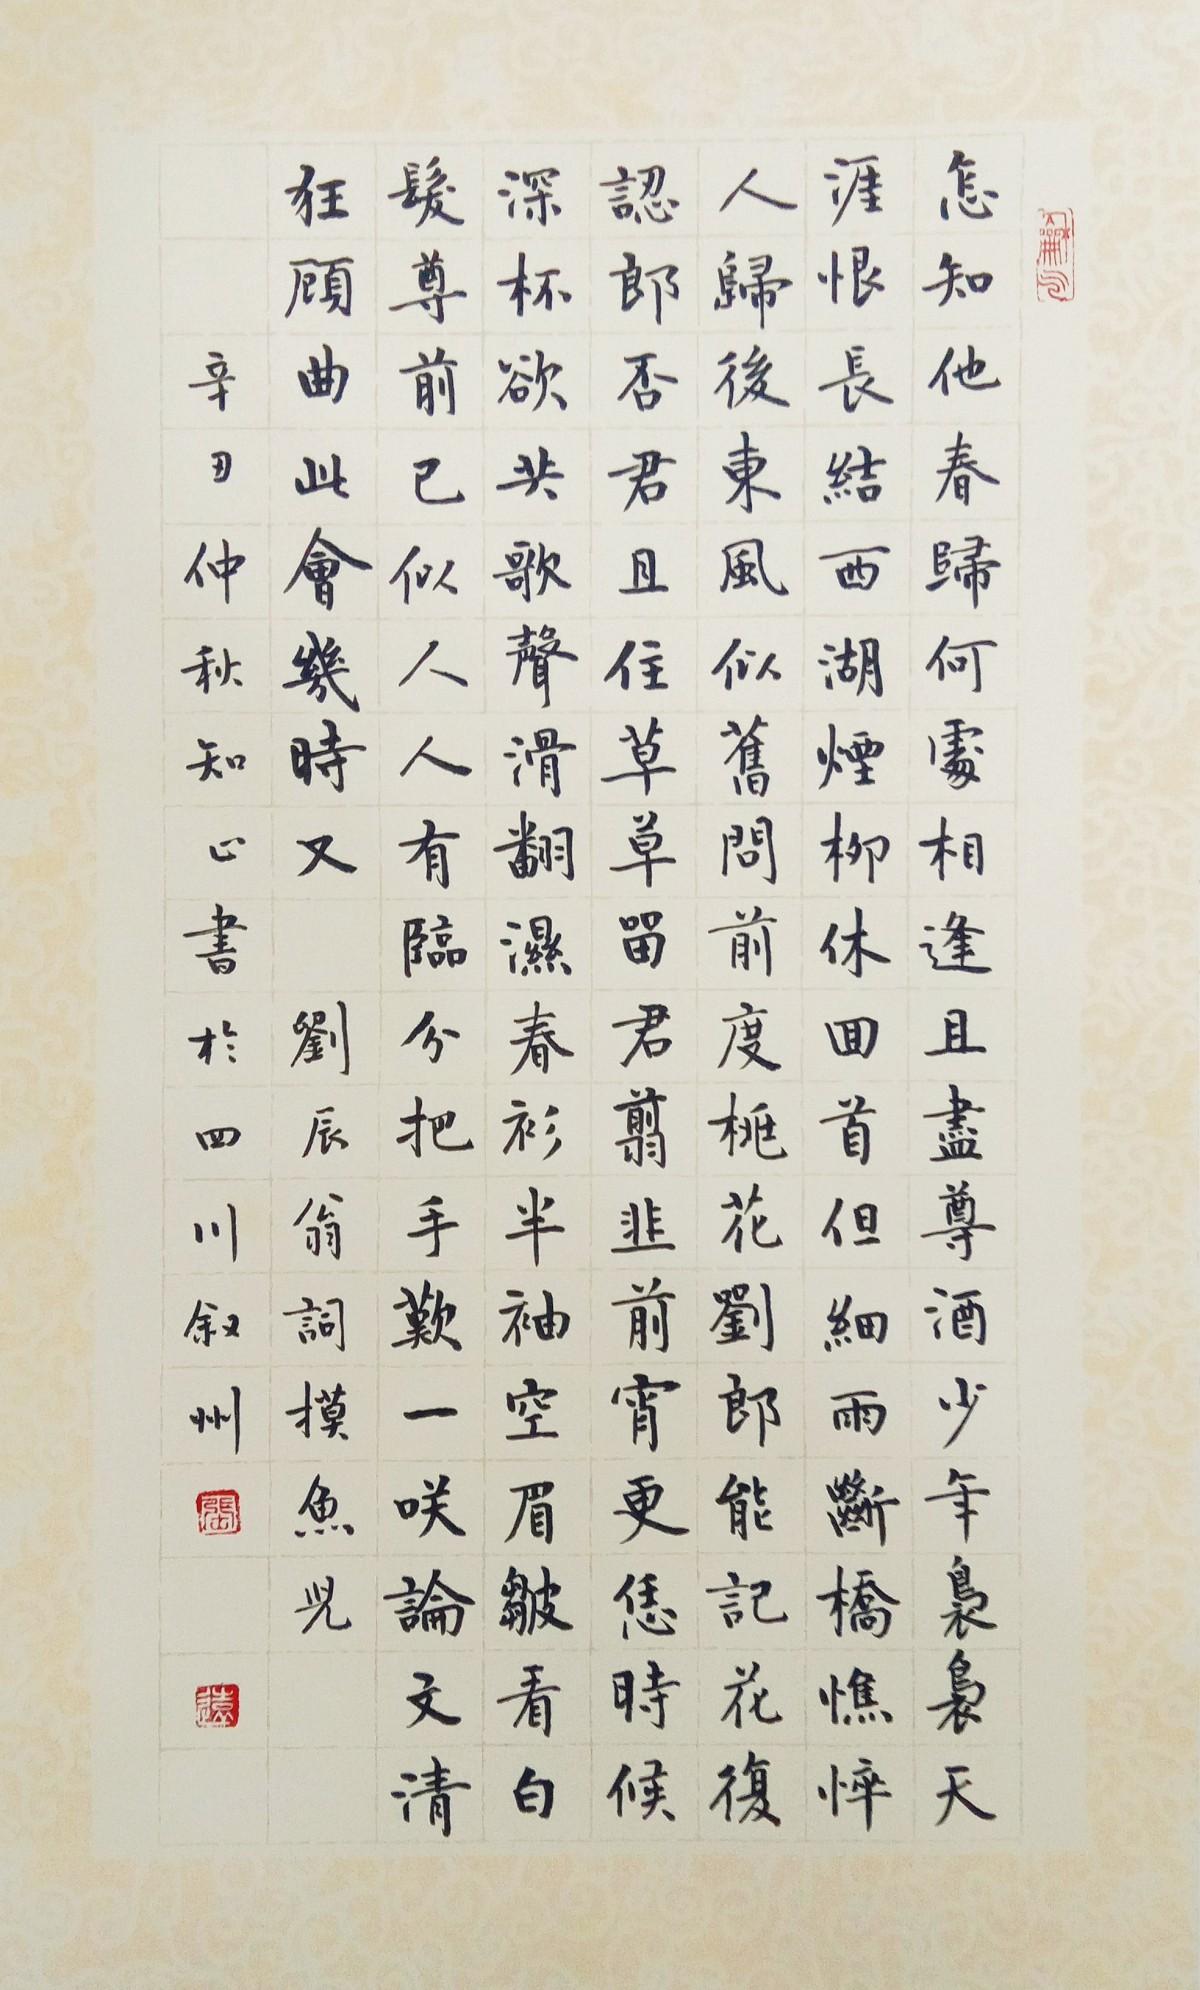 钢笔书法练字打卡20211012-34